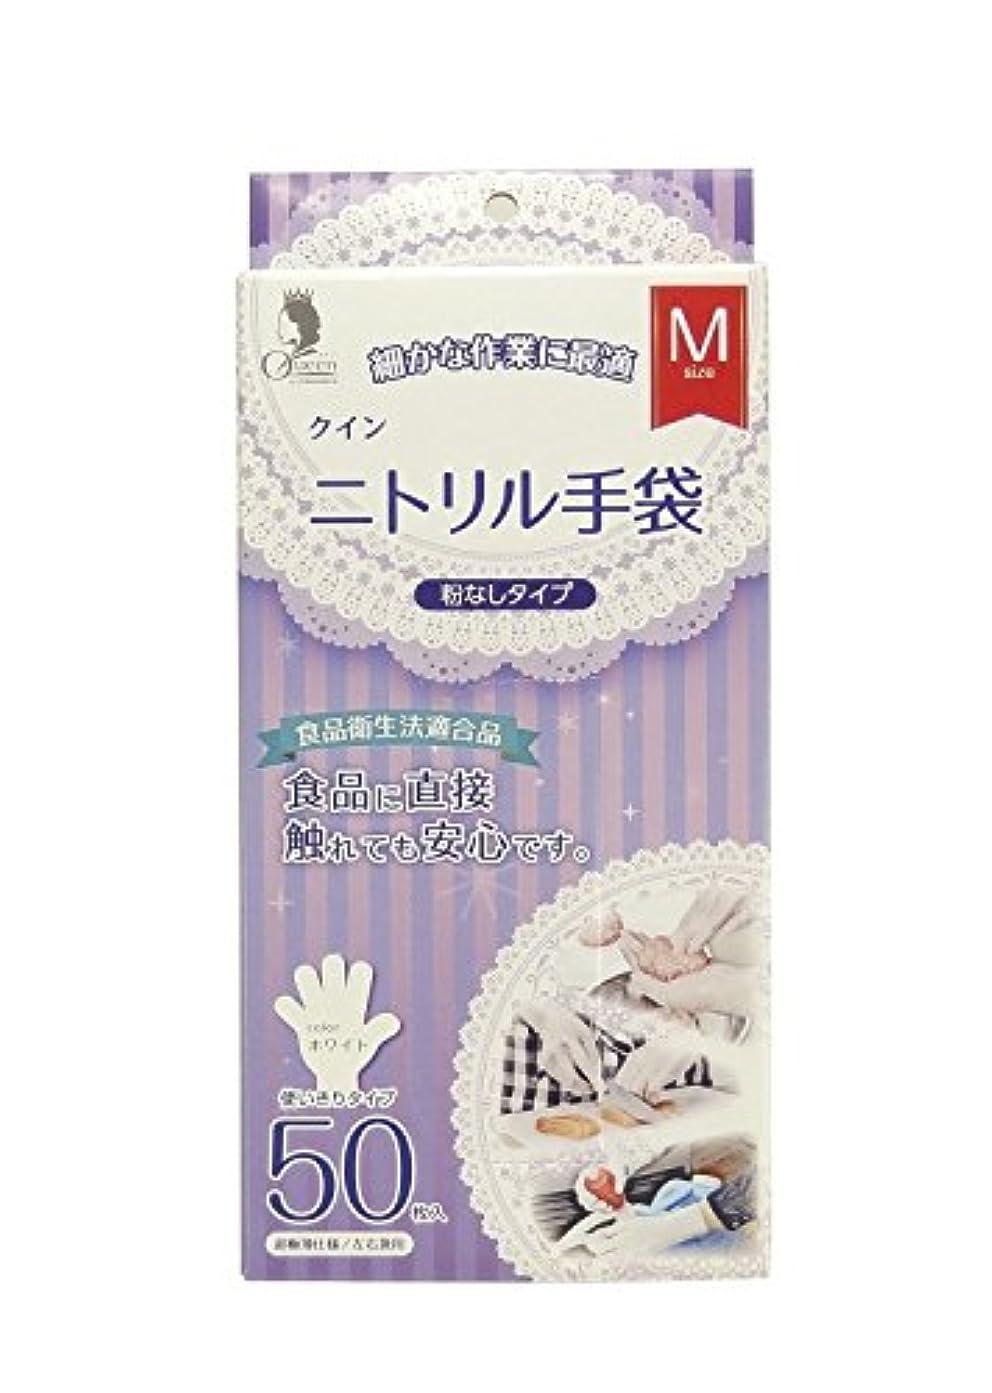 スリットステレオ細胞宇都宮製作 クイン ニトリル手袋(パウダーフリー) M 50枚